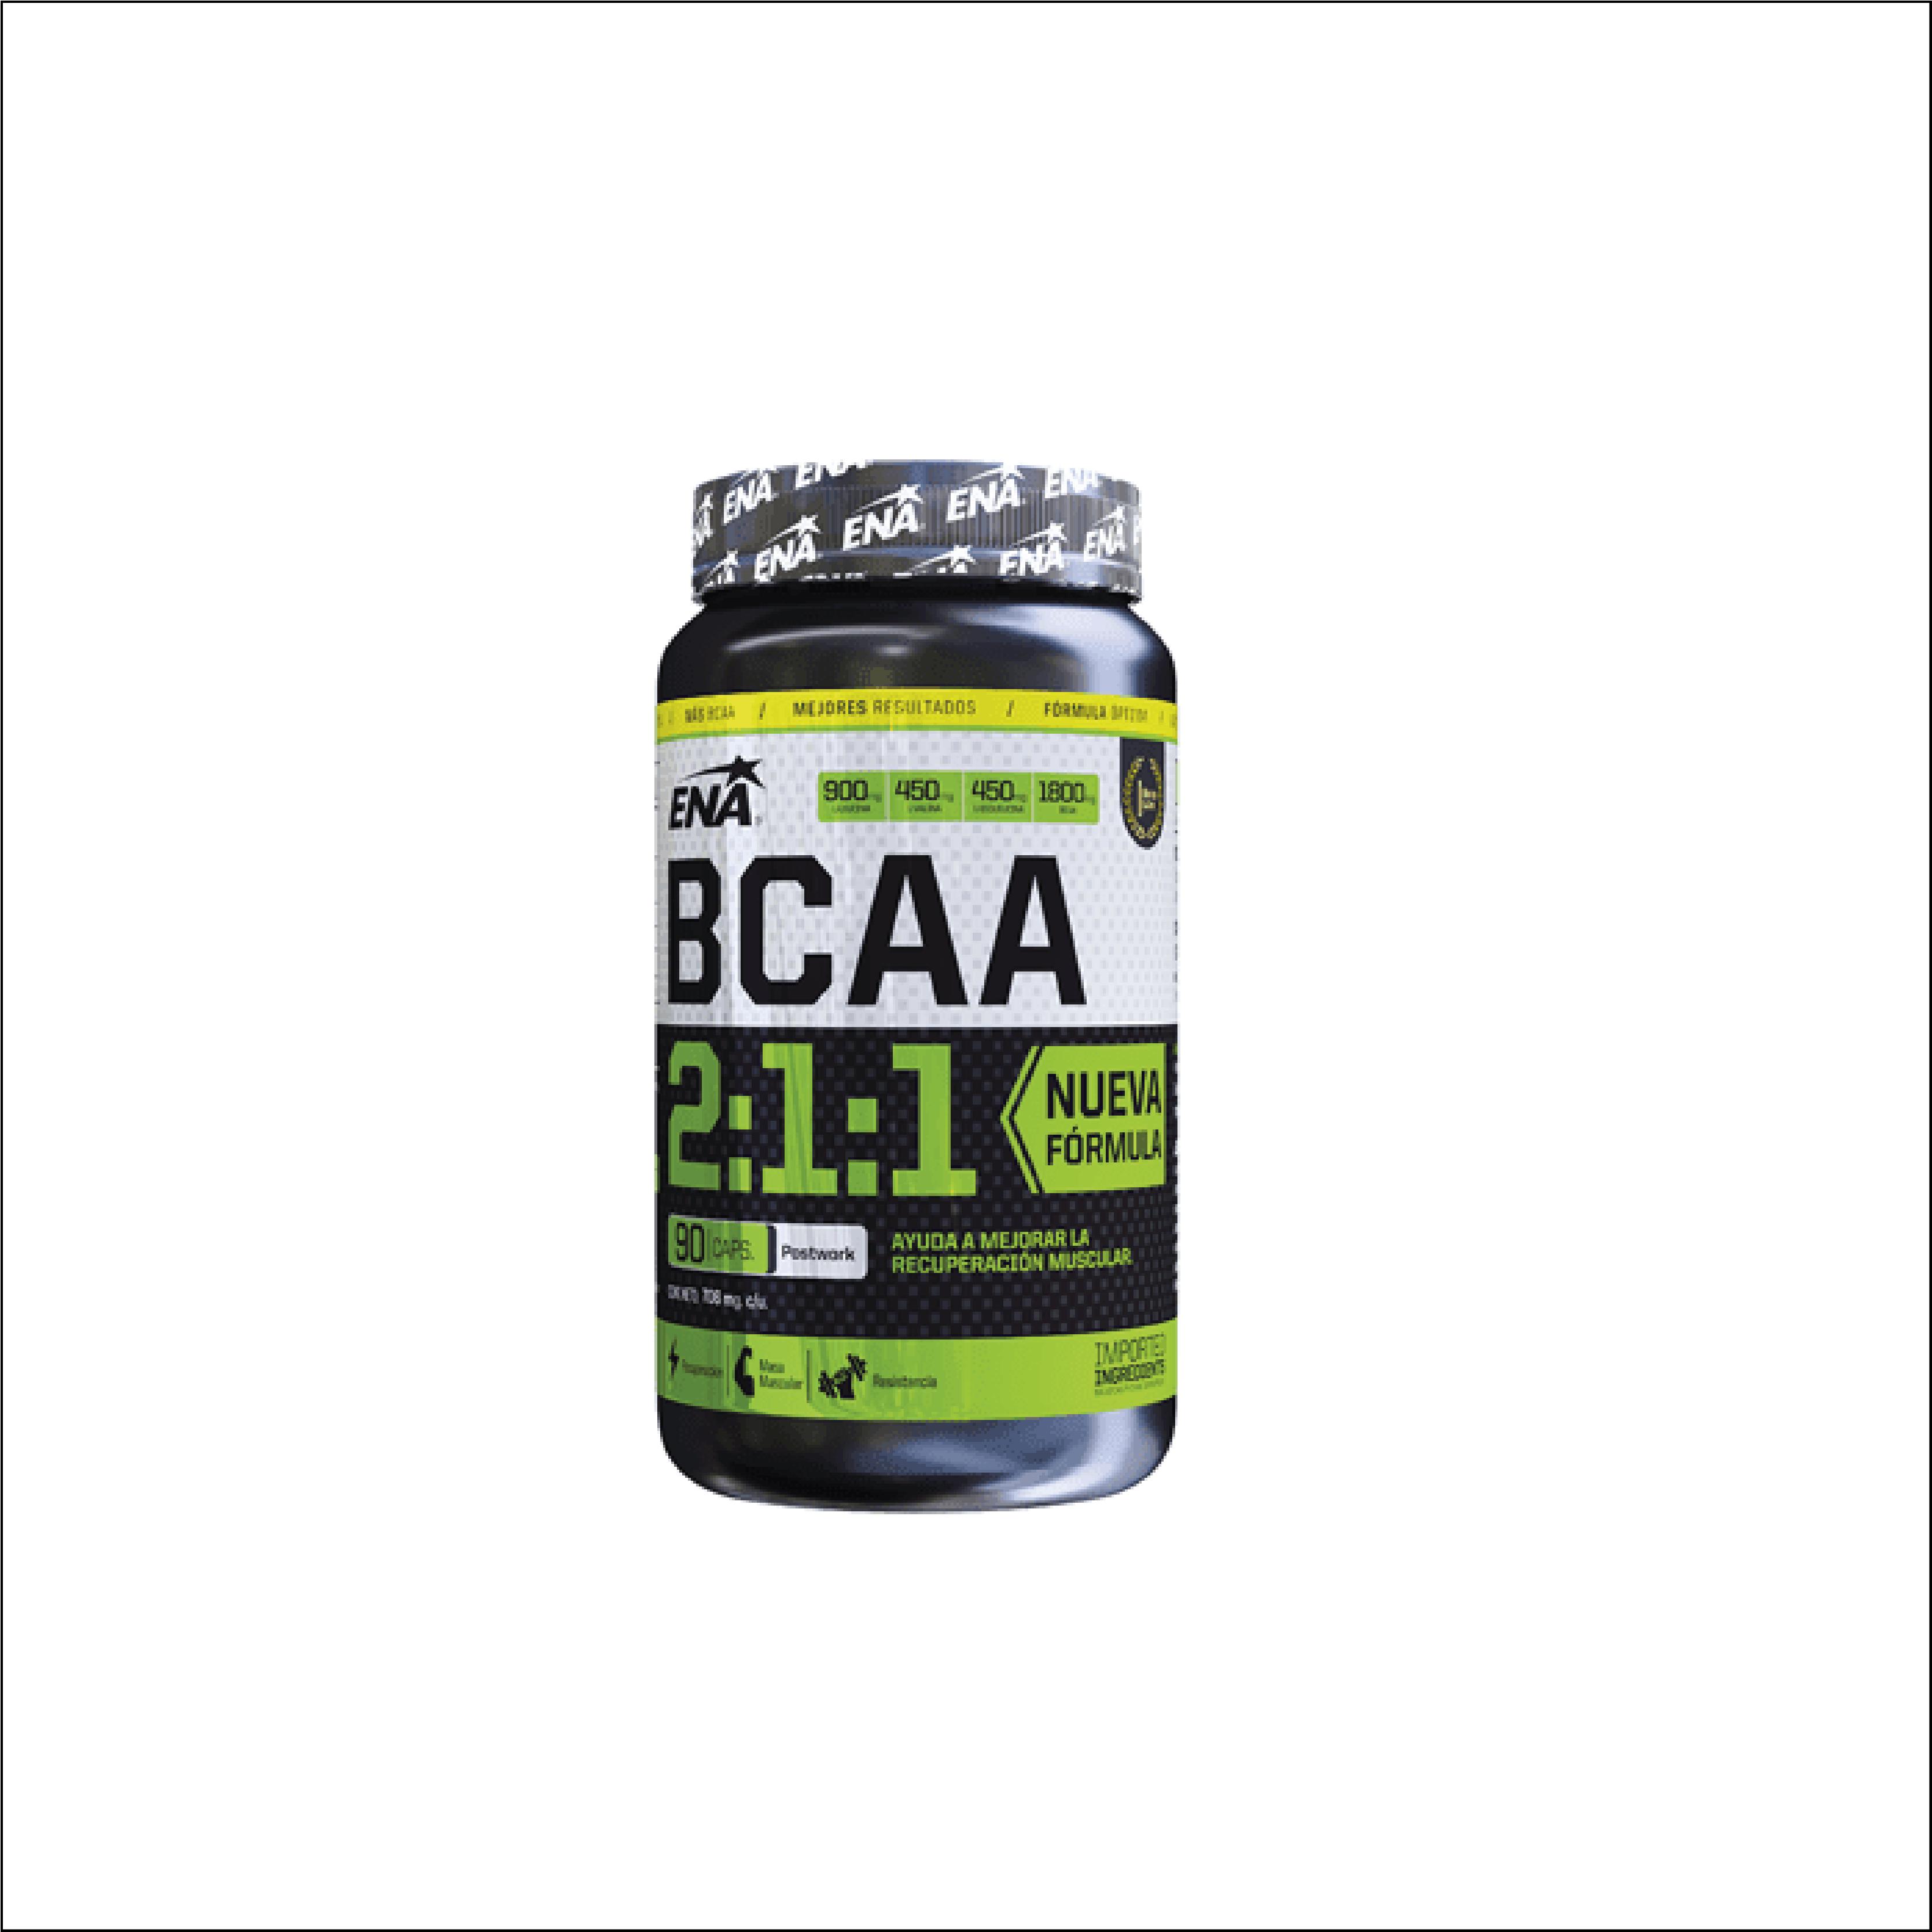 5 BCAA 211 ENA